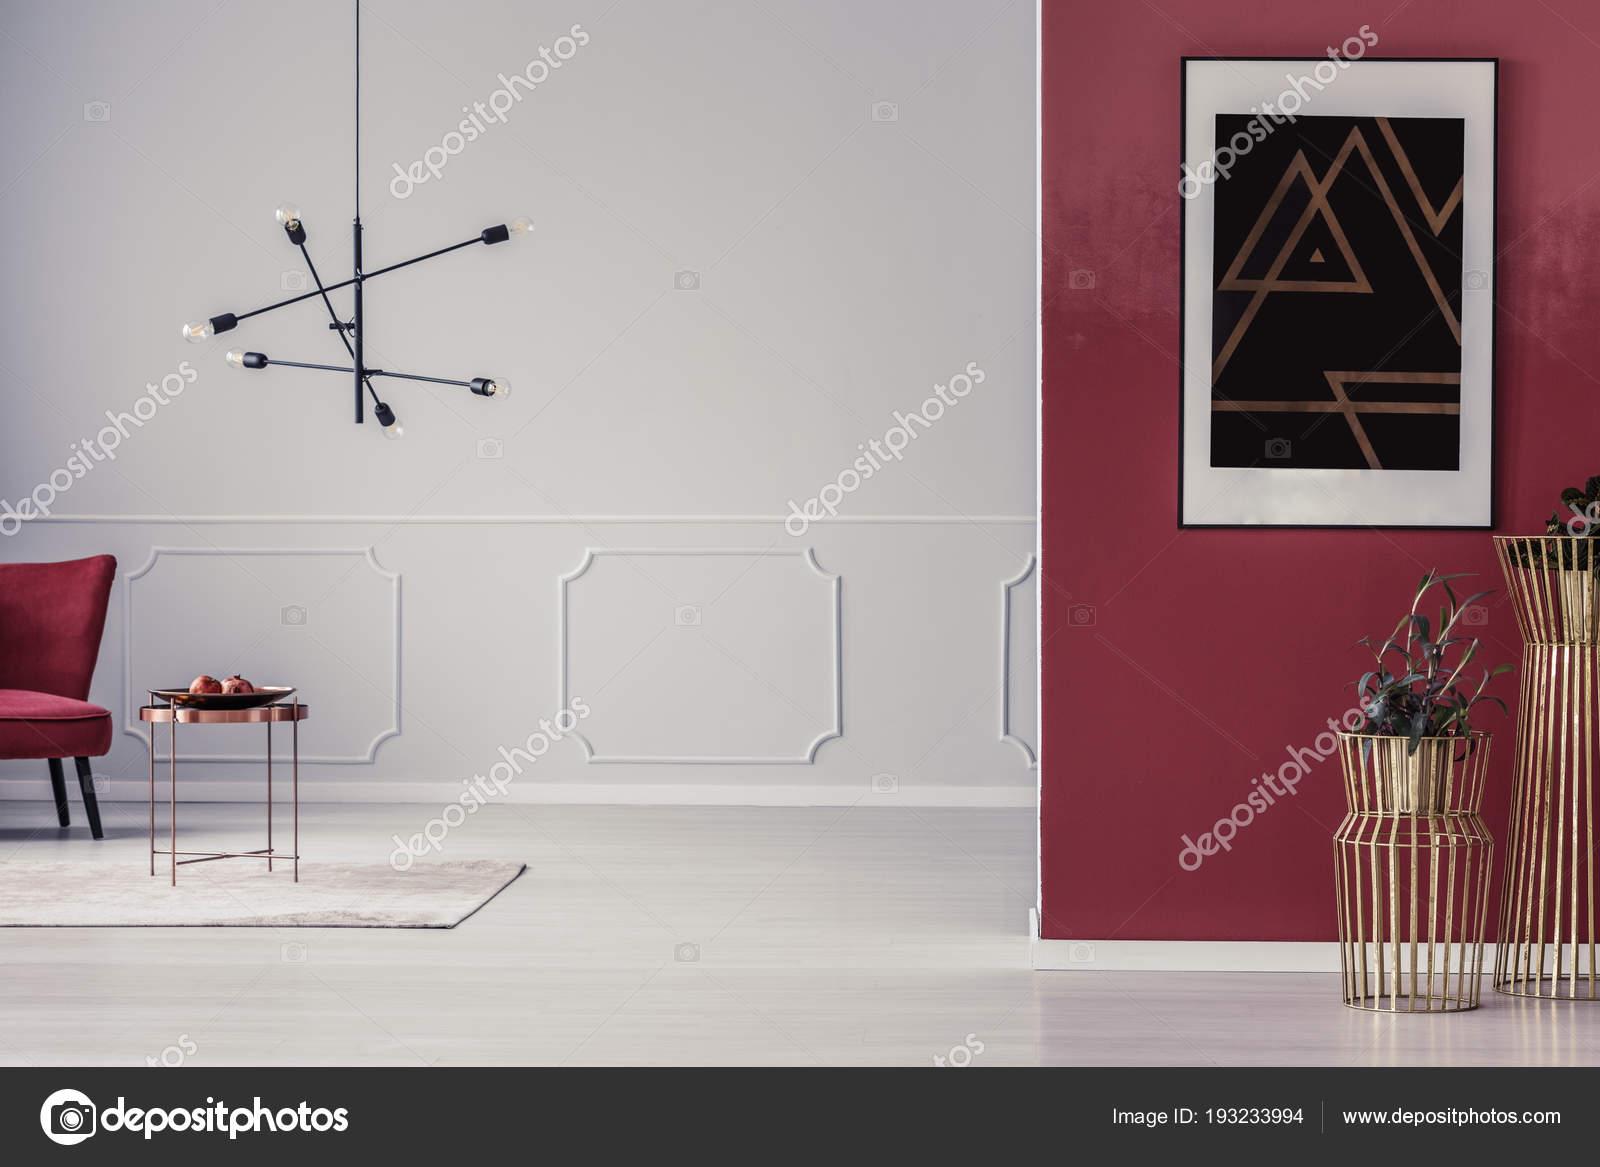 Planten goud potten tegen rode muur met zwarte poster woonkamer